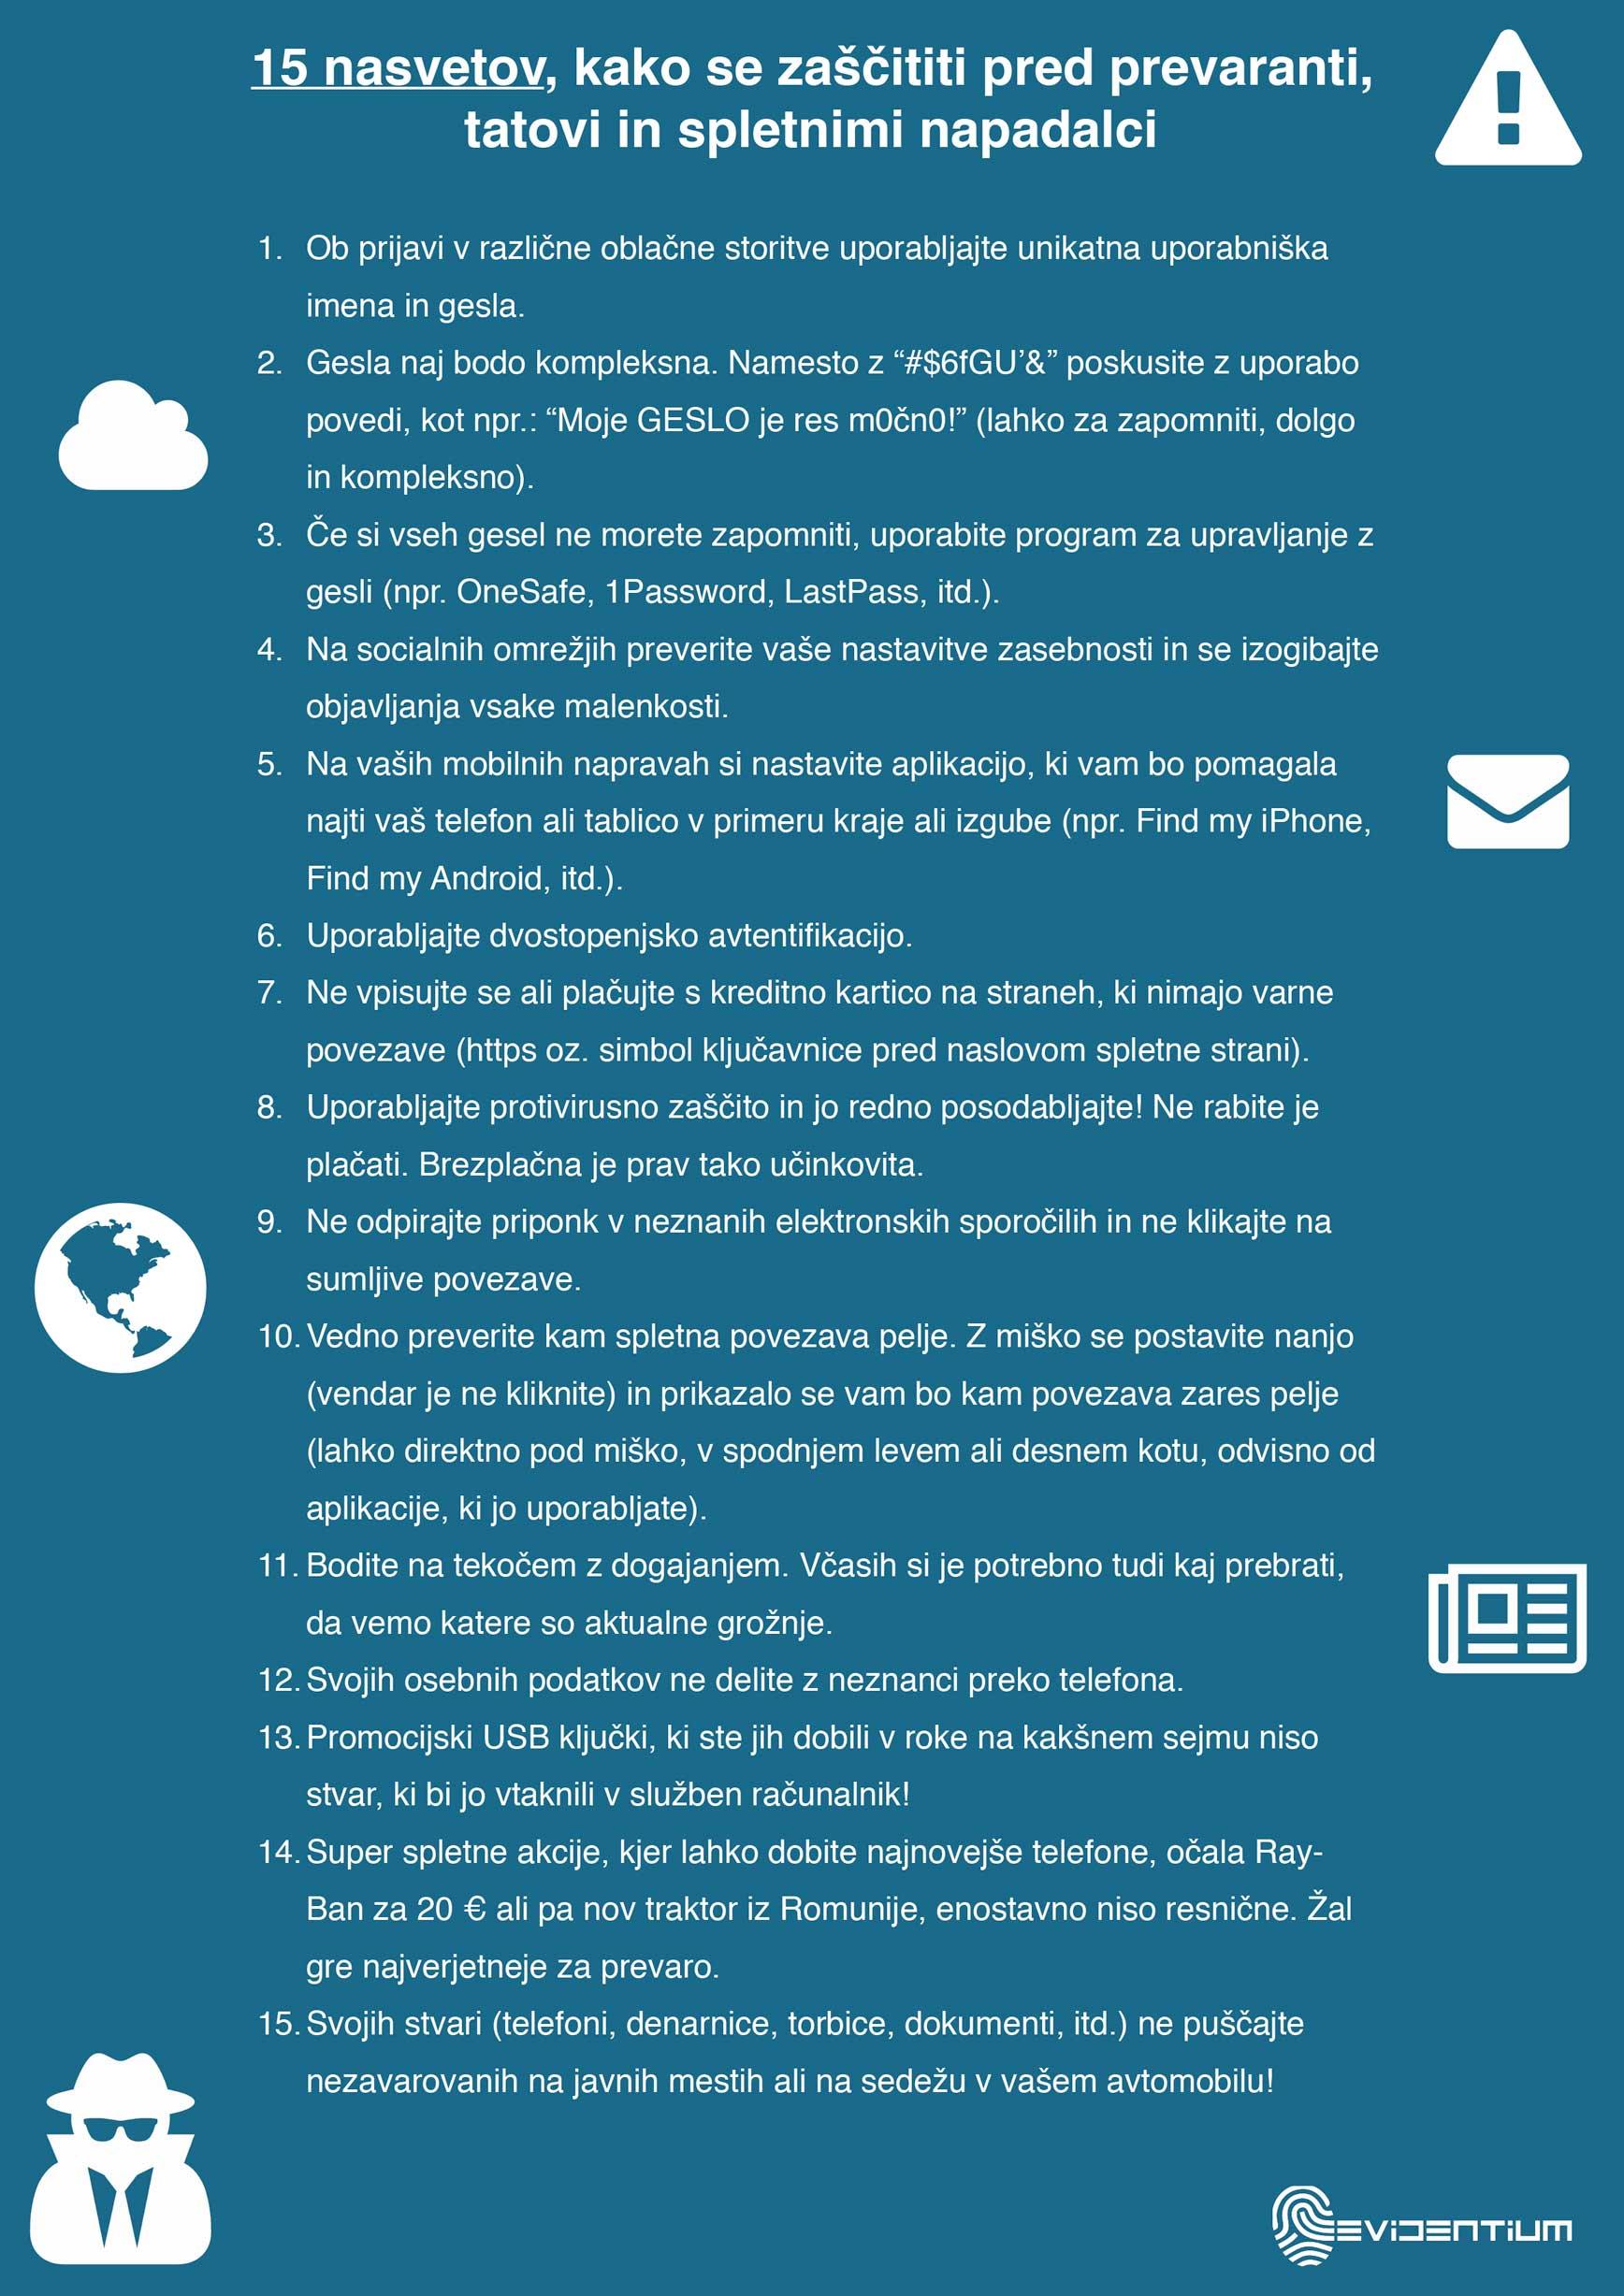 15 nasvetov kako se zaščititi pred prevaranti, tatovi in spletnimi napadalci